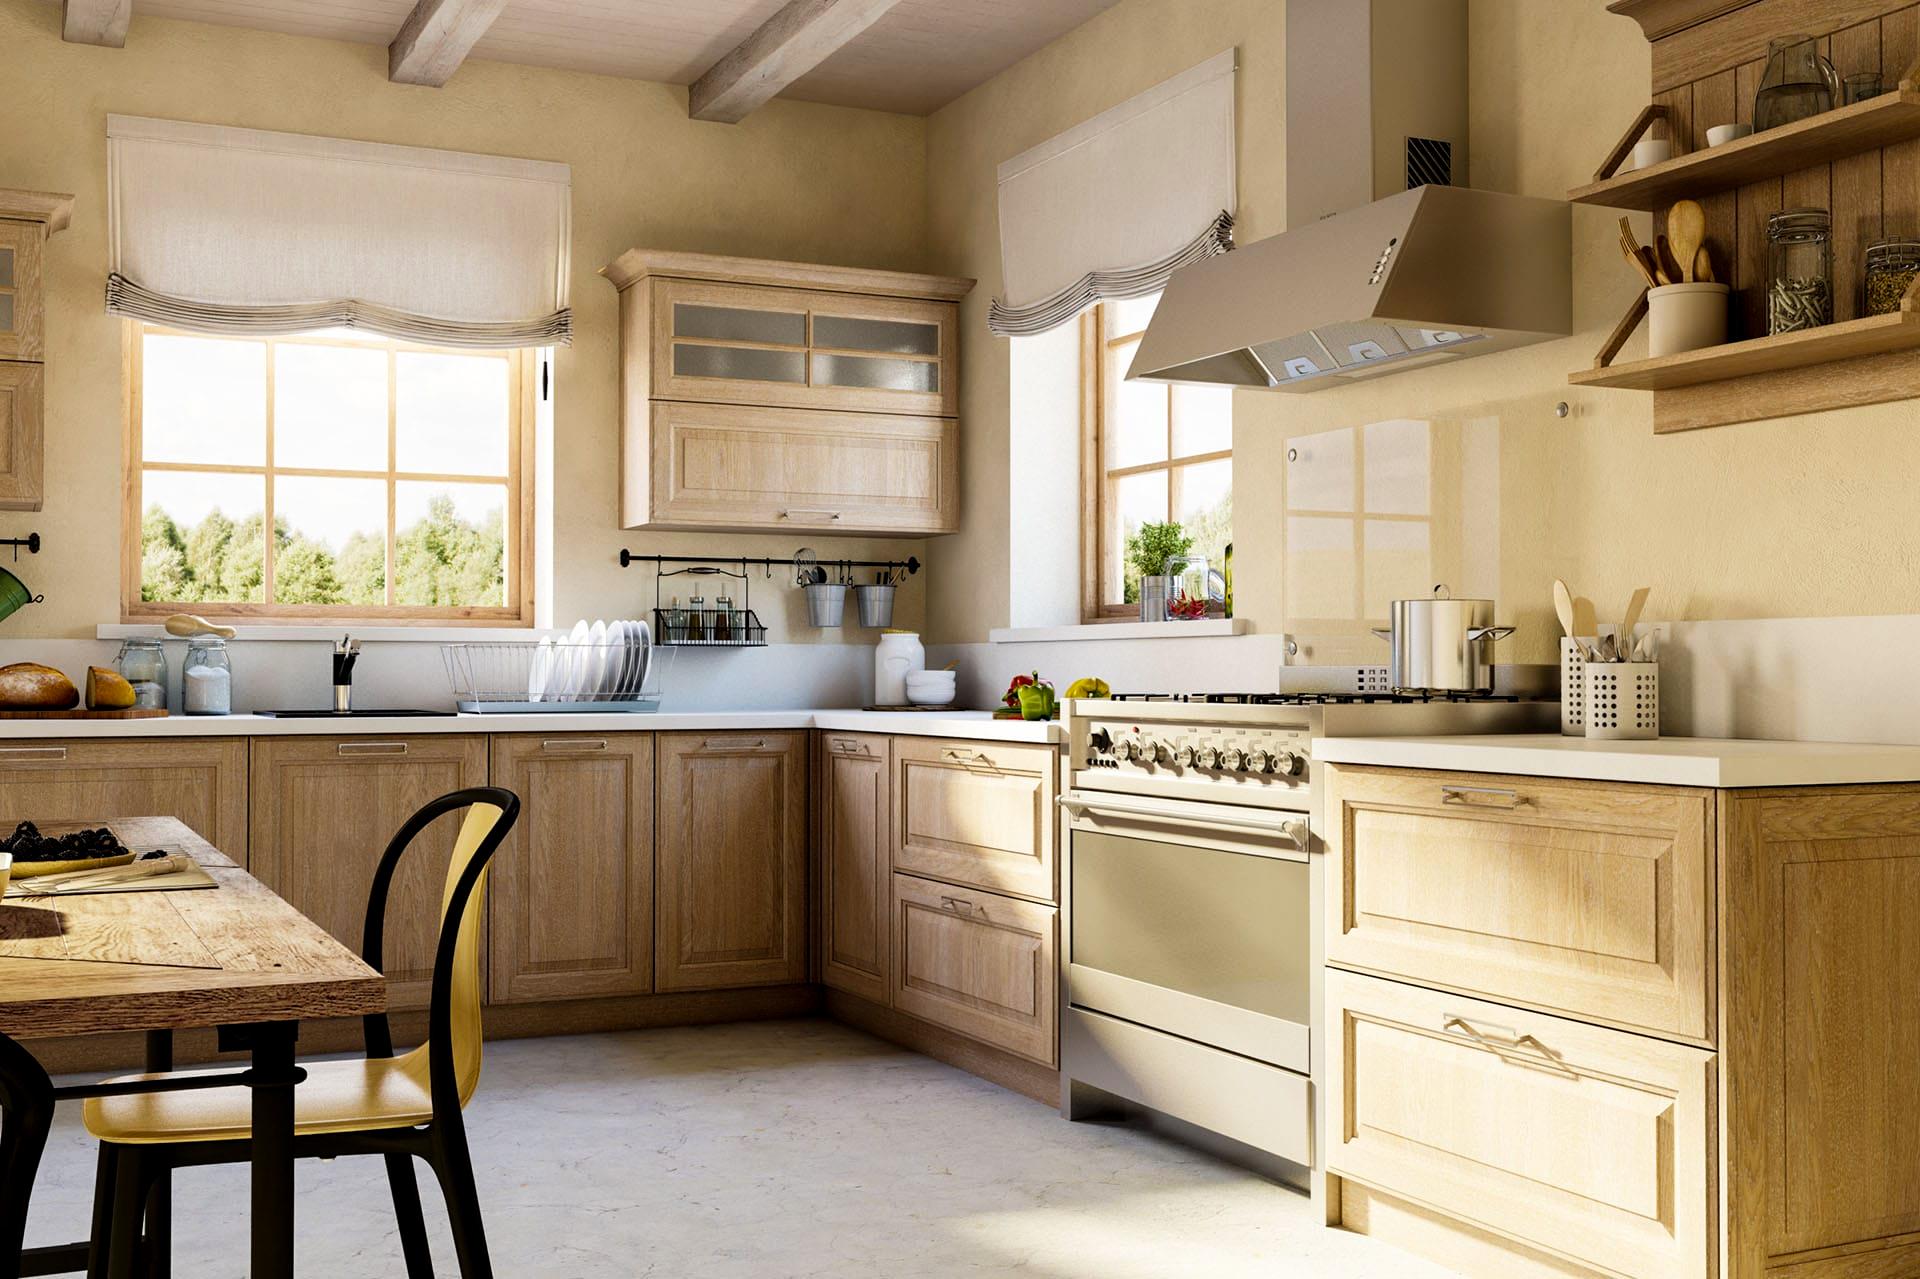 winkelküche küchenblock massiv holzküche küche landhaus eiche